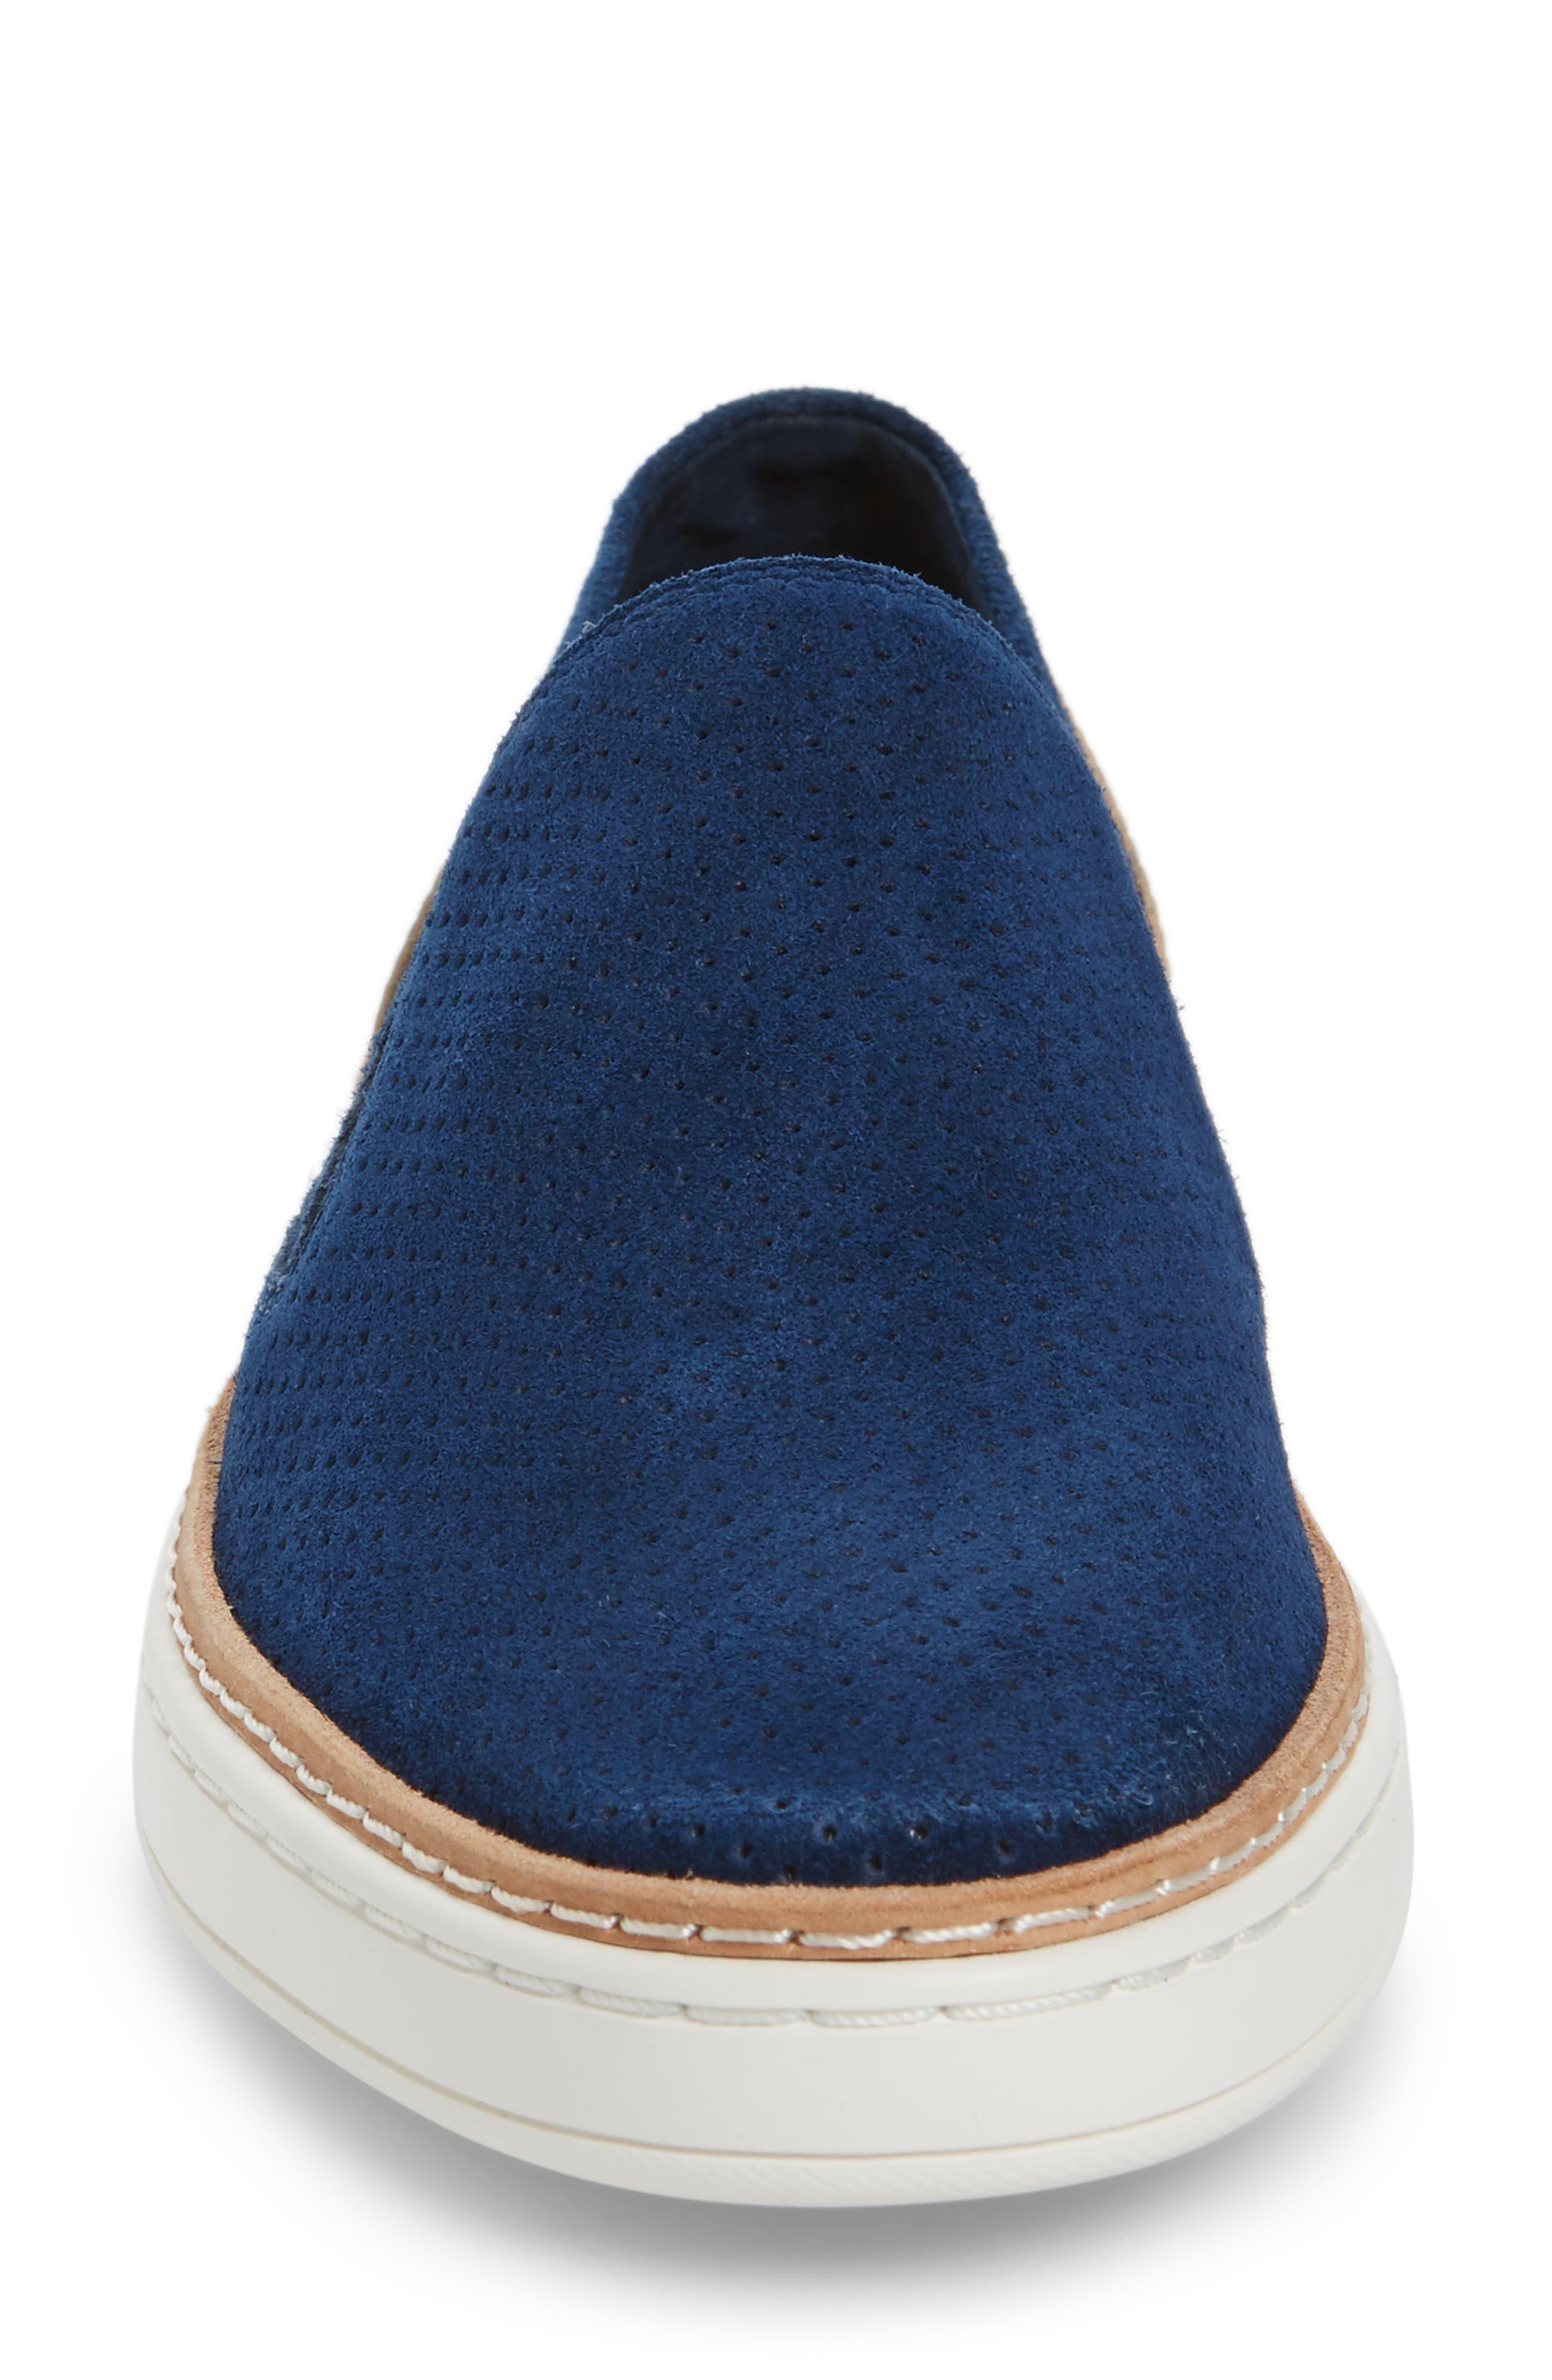 Adley Slip-On Sneaker,                             Alternate thumbnail 40, color,